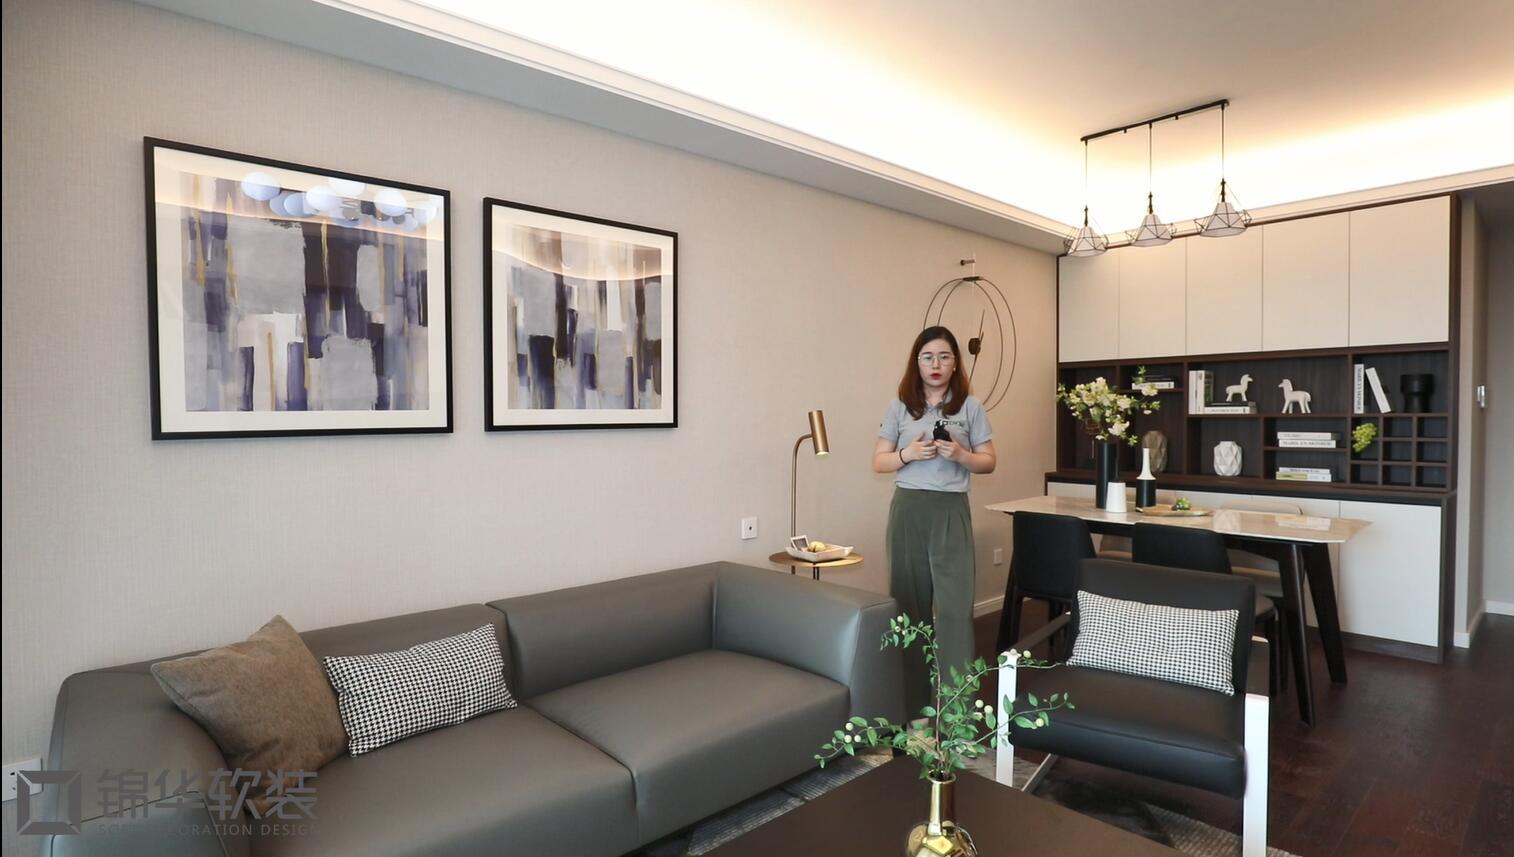 金域缇香-现代简约风格-86平软装-实景样板间视频